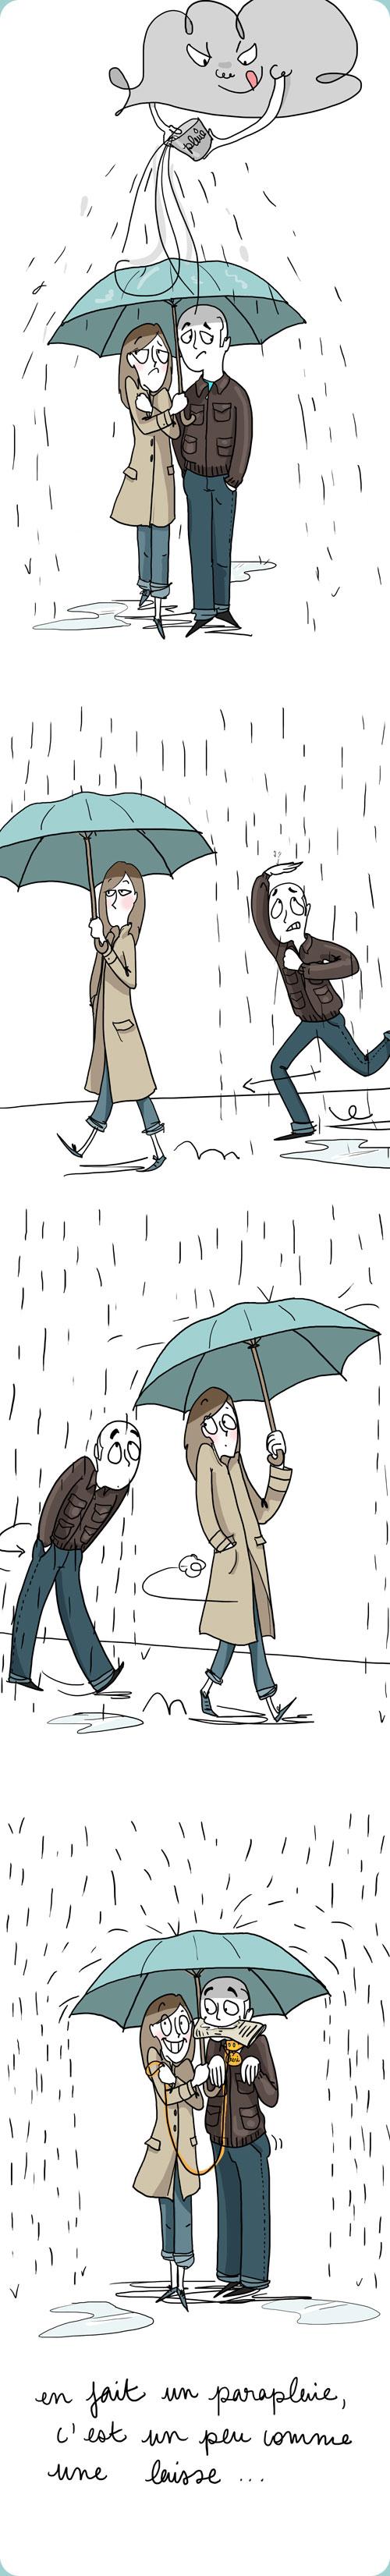 286-parapluie-laisse_v2